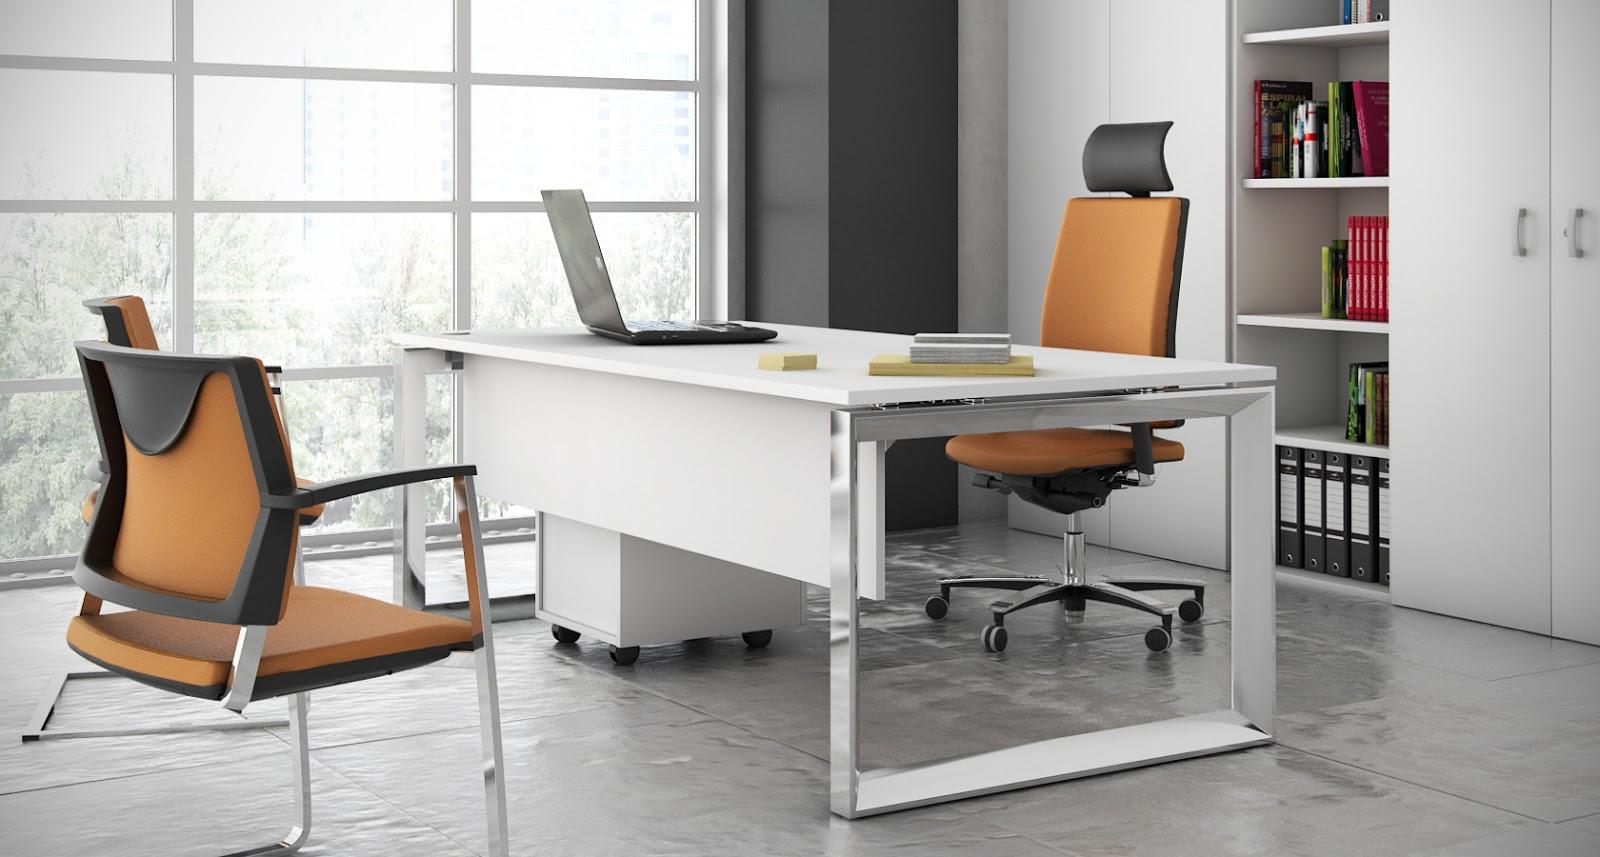 Oficina total nueva serie star de mobiliario for Mobiliario de oficina granada